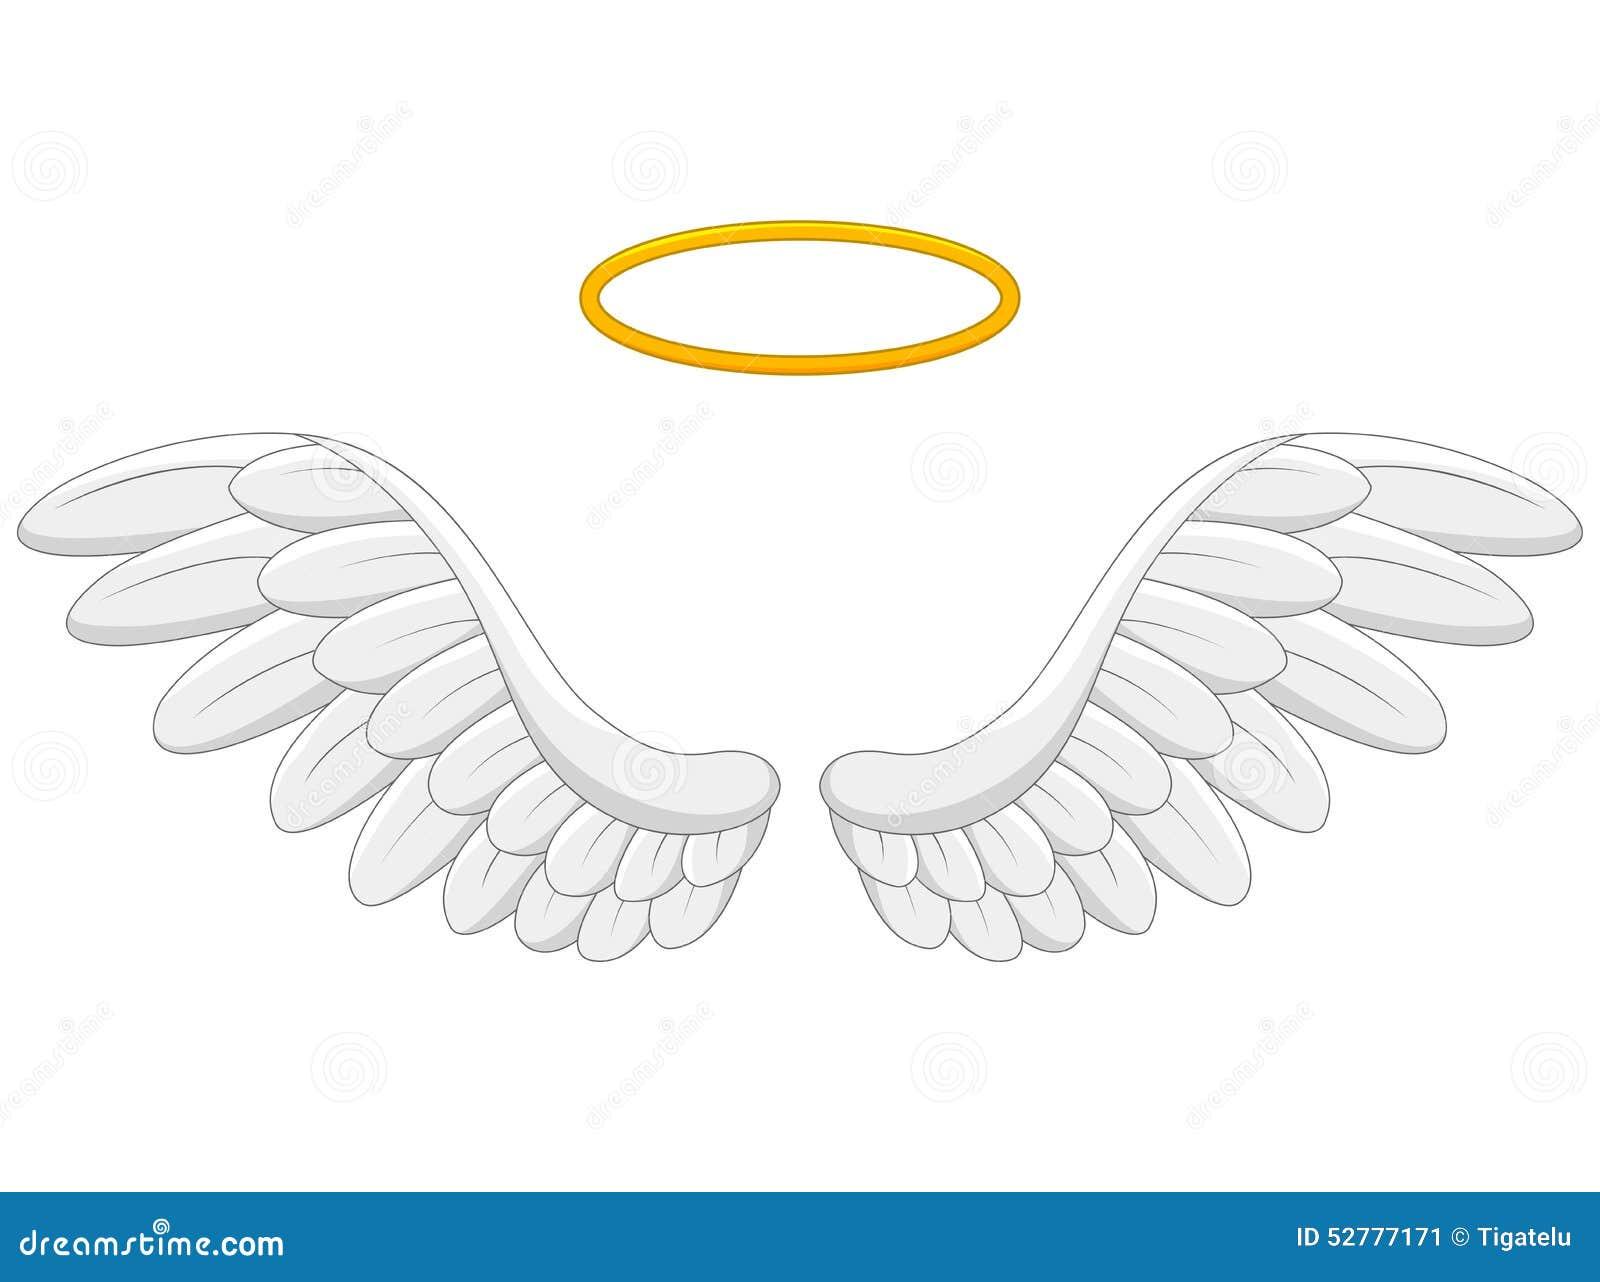 angel wings cartoon stock vector illustration of doodle 52777171 rh dreamstime com angel wings cartoon png angel wings cartoon simple